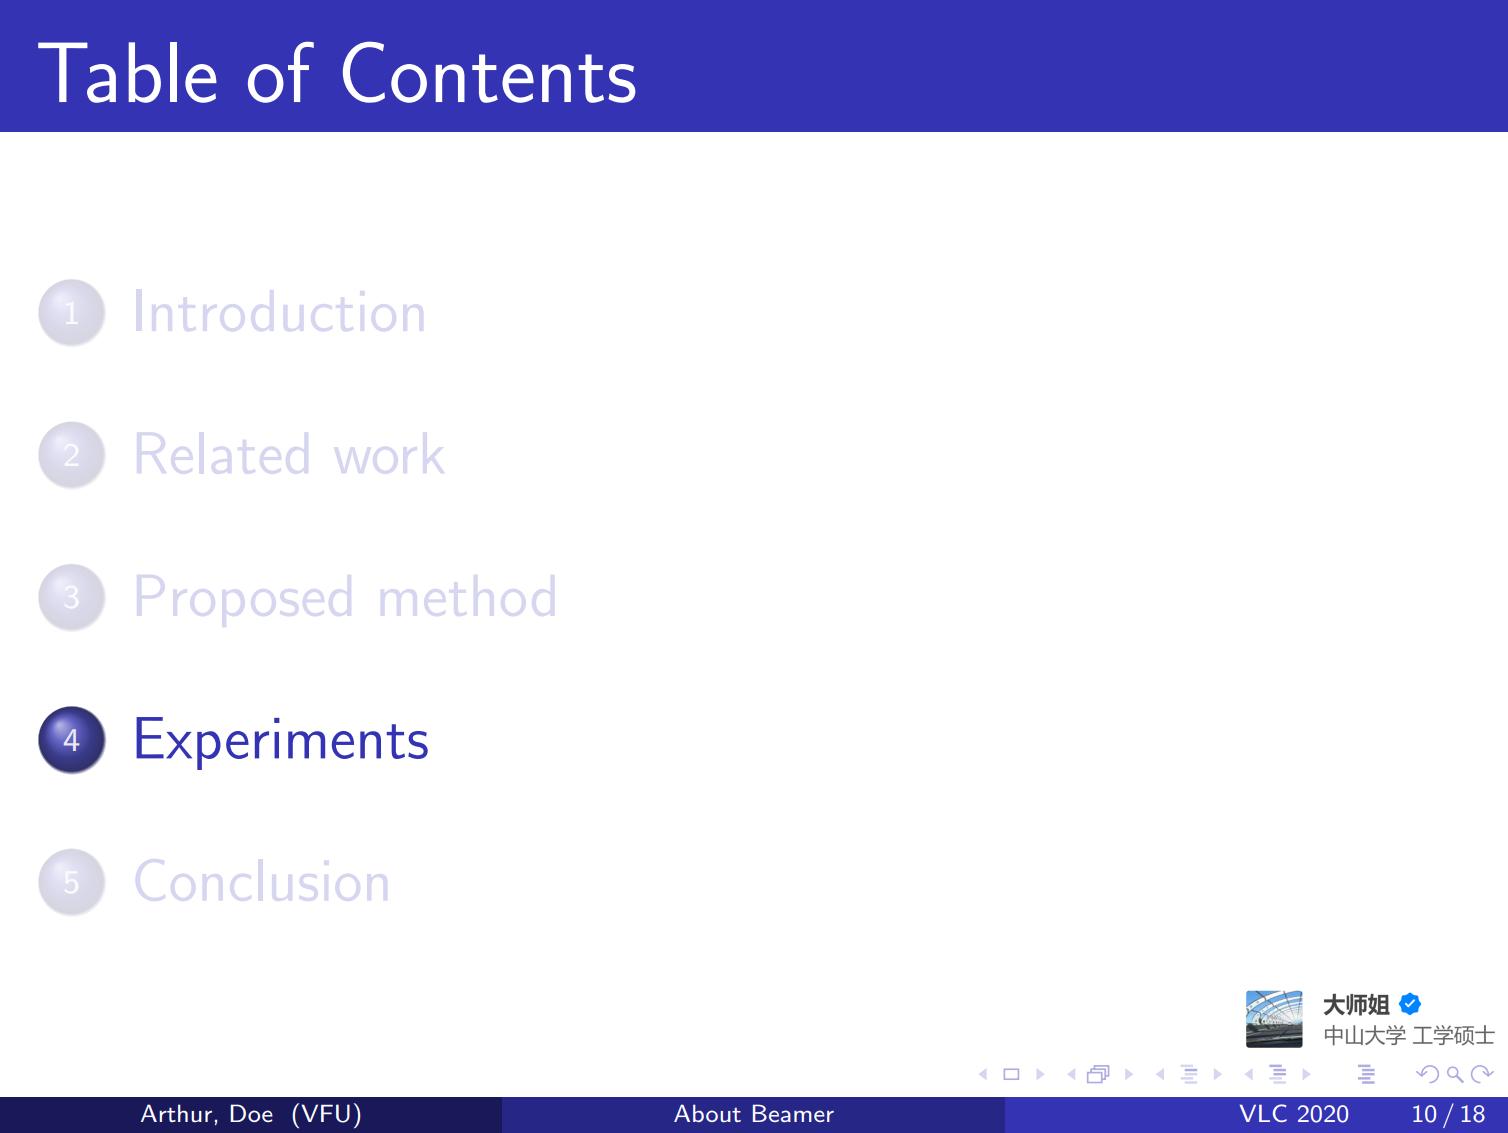 大师姐教你如何使用beamer制作学术演讲的幻灯片slides